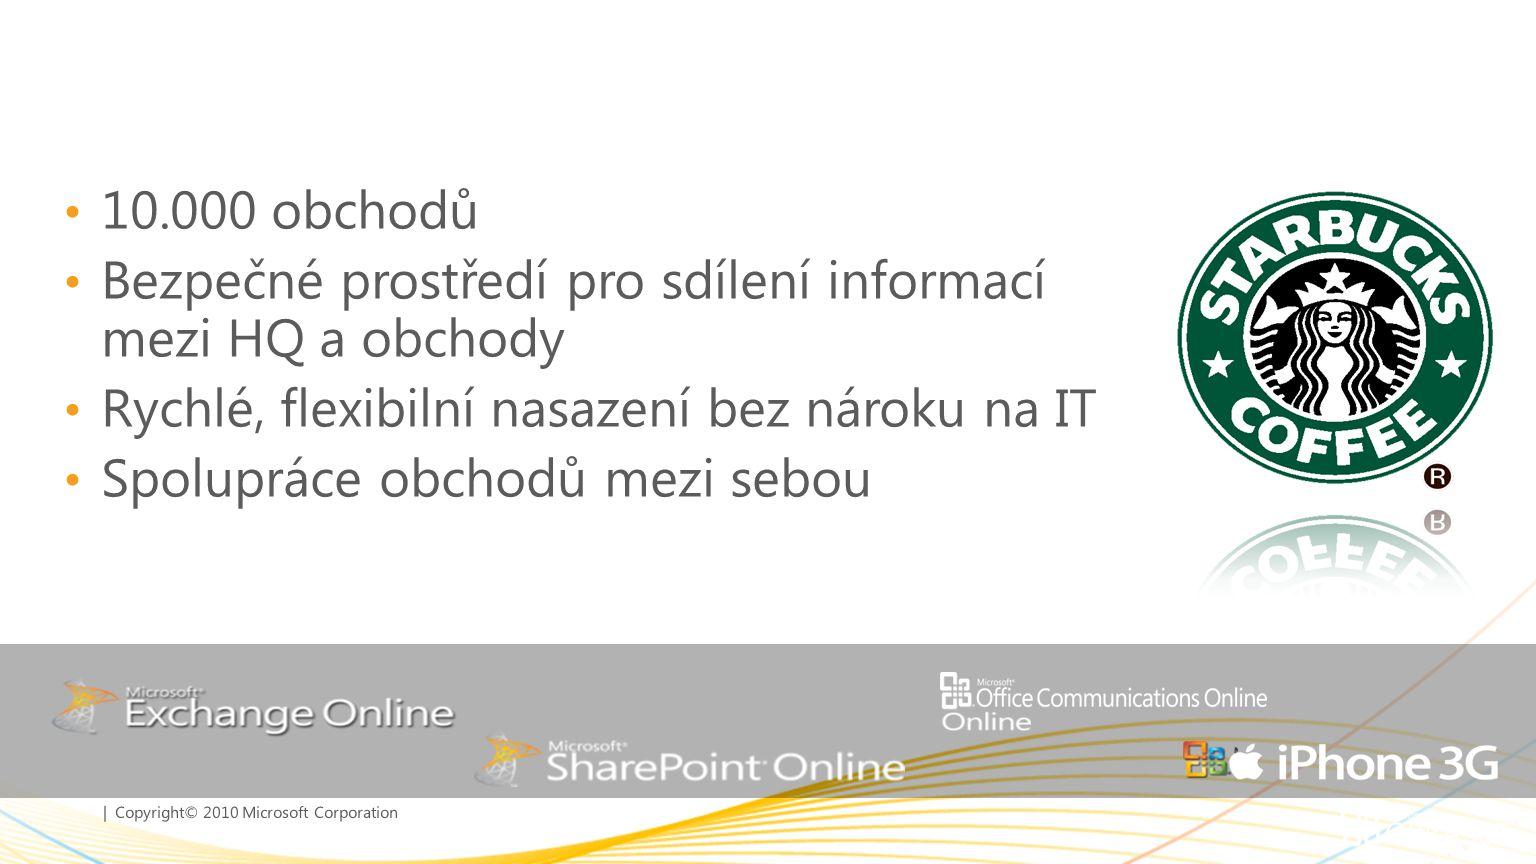 | Copyright© 2010 Microsoft Corporation 10.000 obchodů Bezpečné prostředí pro sdílení informací mezi HQ a obchody Rychlé, flexibilní nasazení bez náro